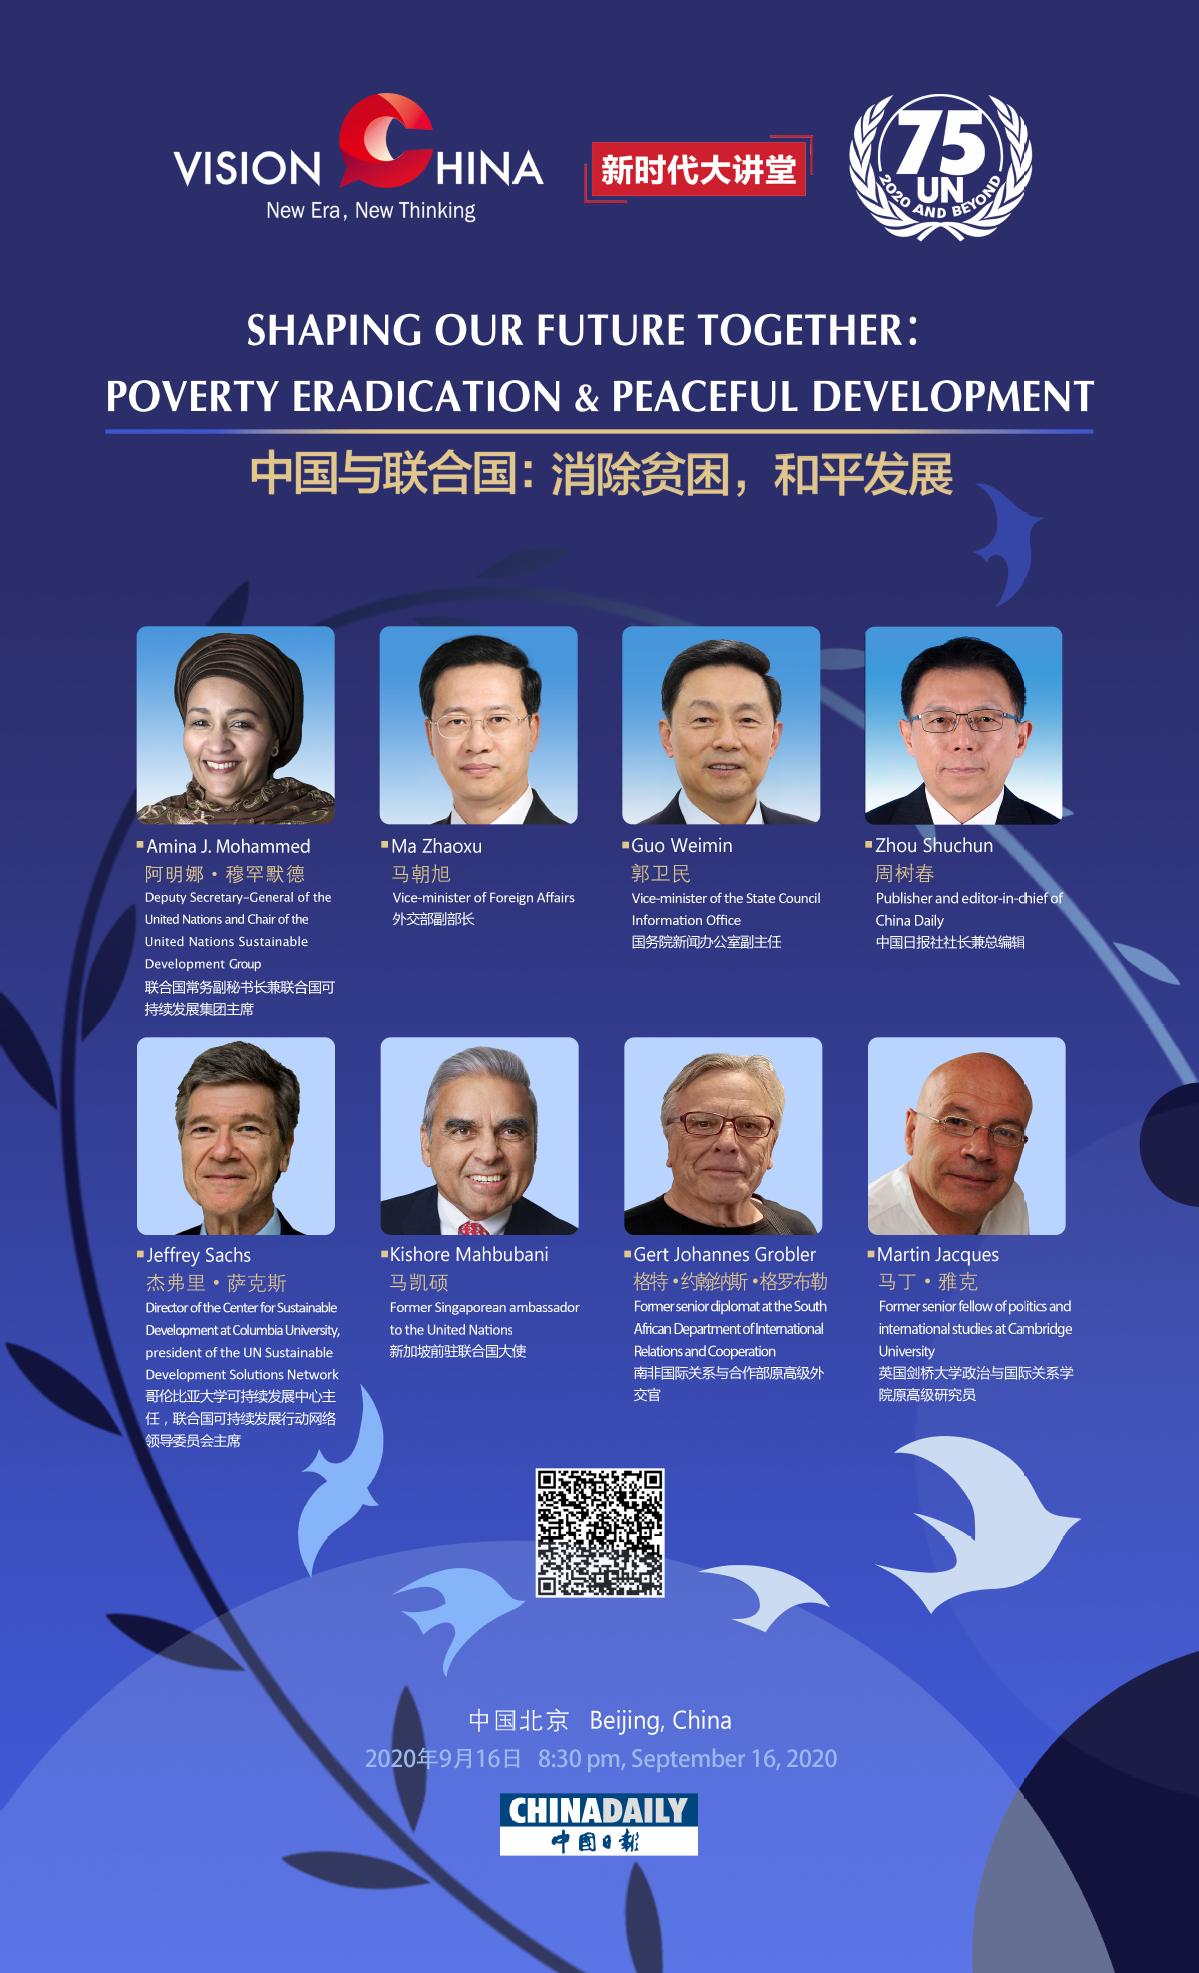 推进国际减贫合作 构建人类命运共同体 中国日报社新时代大讲堂云开讲